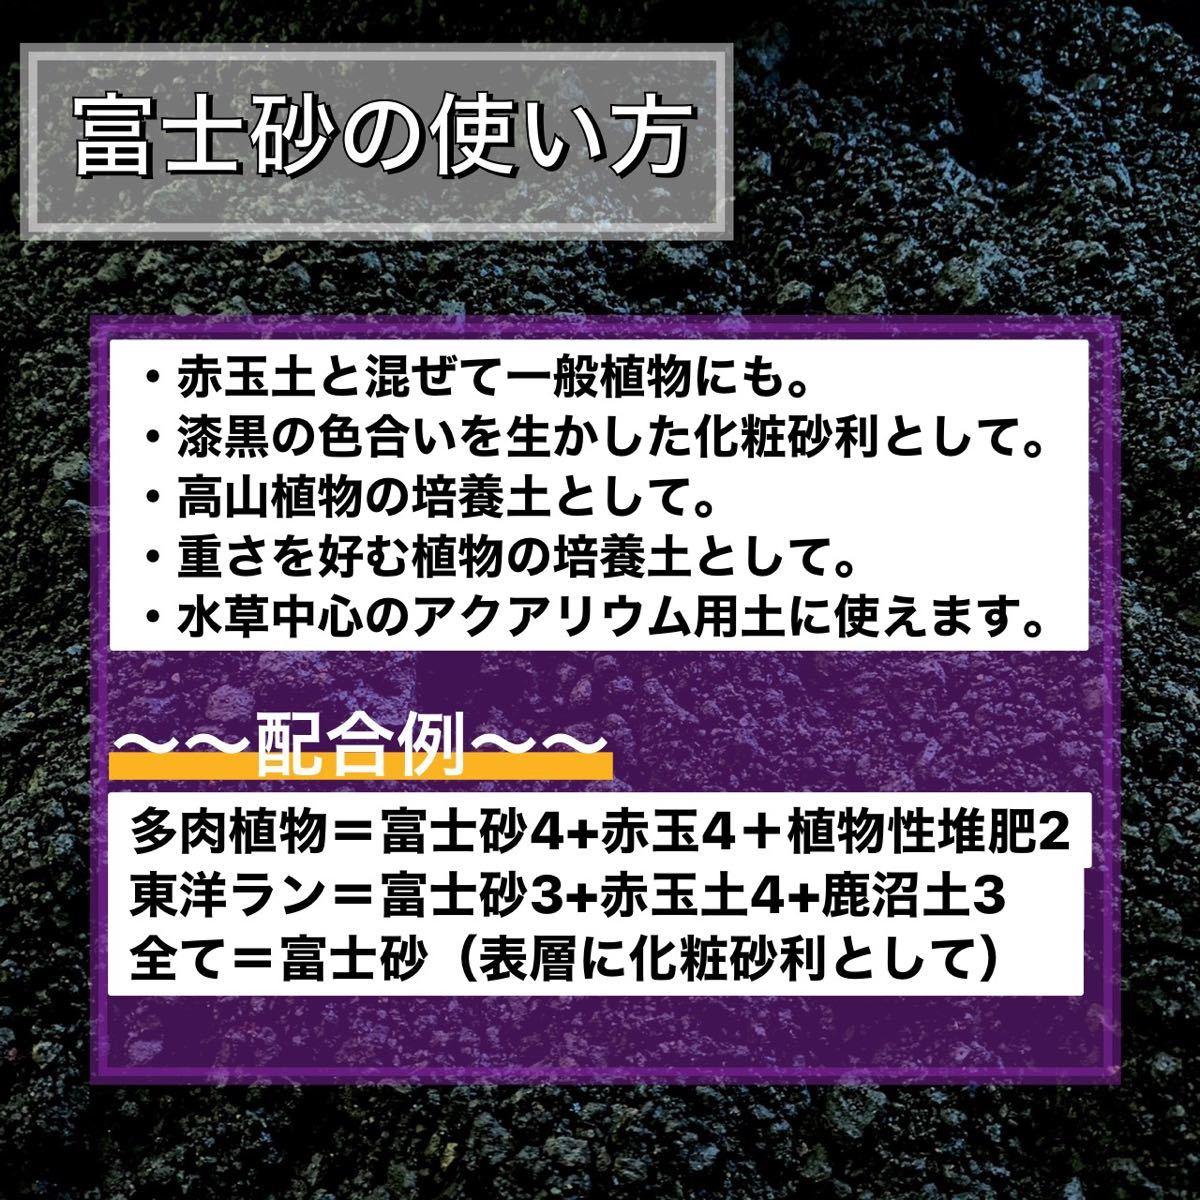 〜特選富士砂〜 1リットル多肉植物 サボテン 観葉植物 土 魂根植物 アクアリウム 火山灰